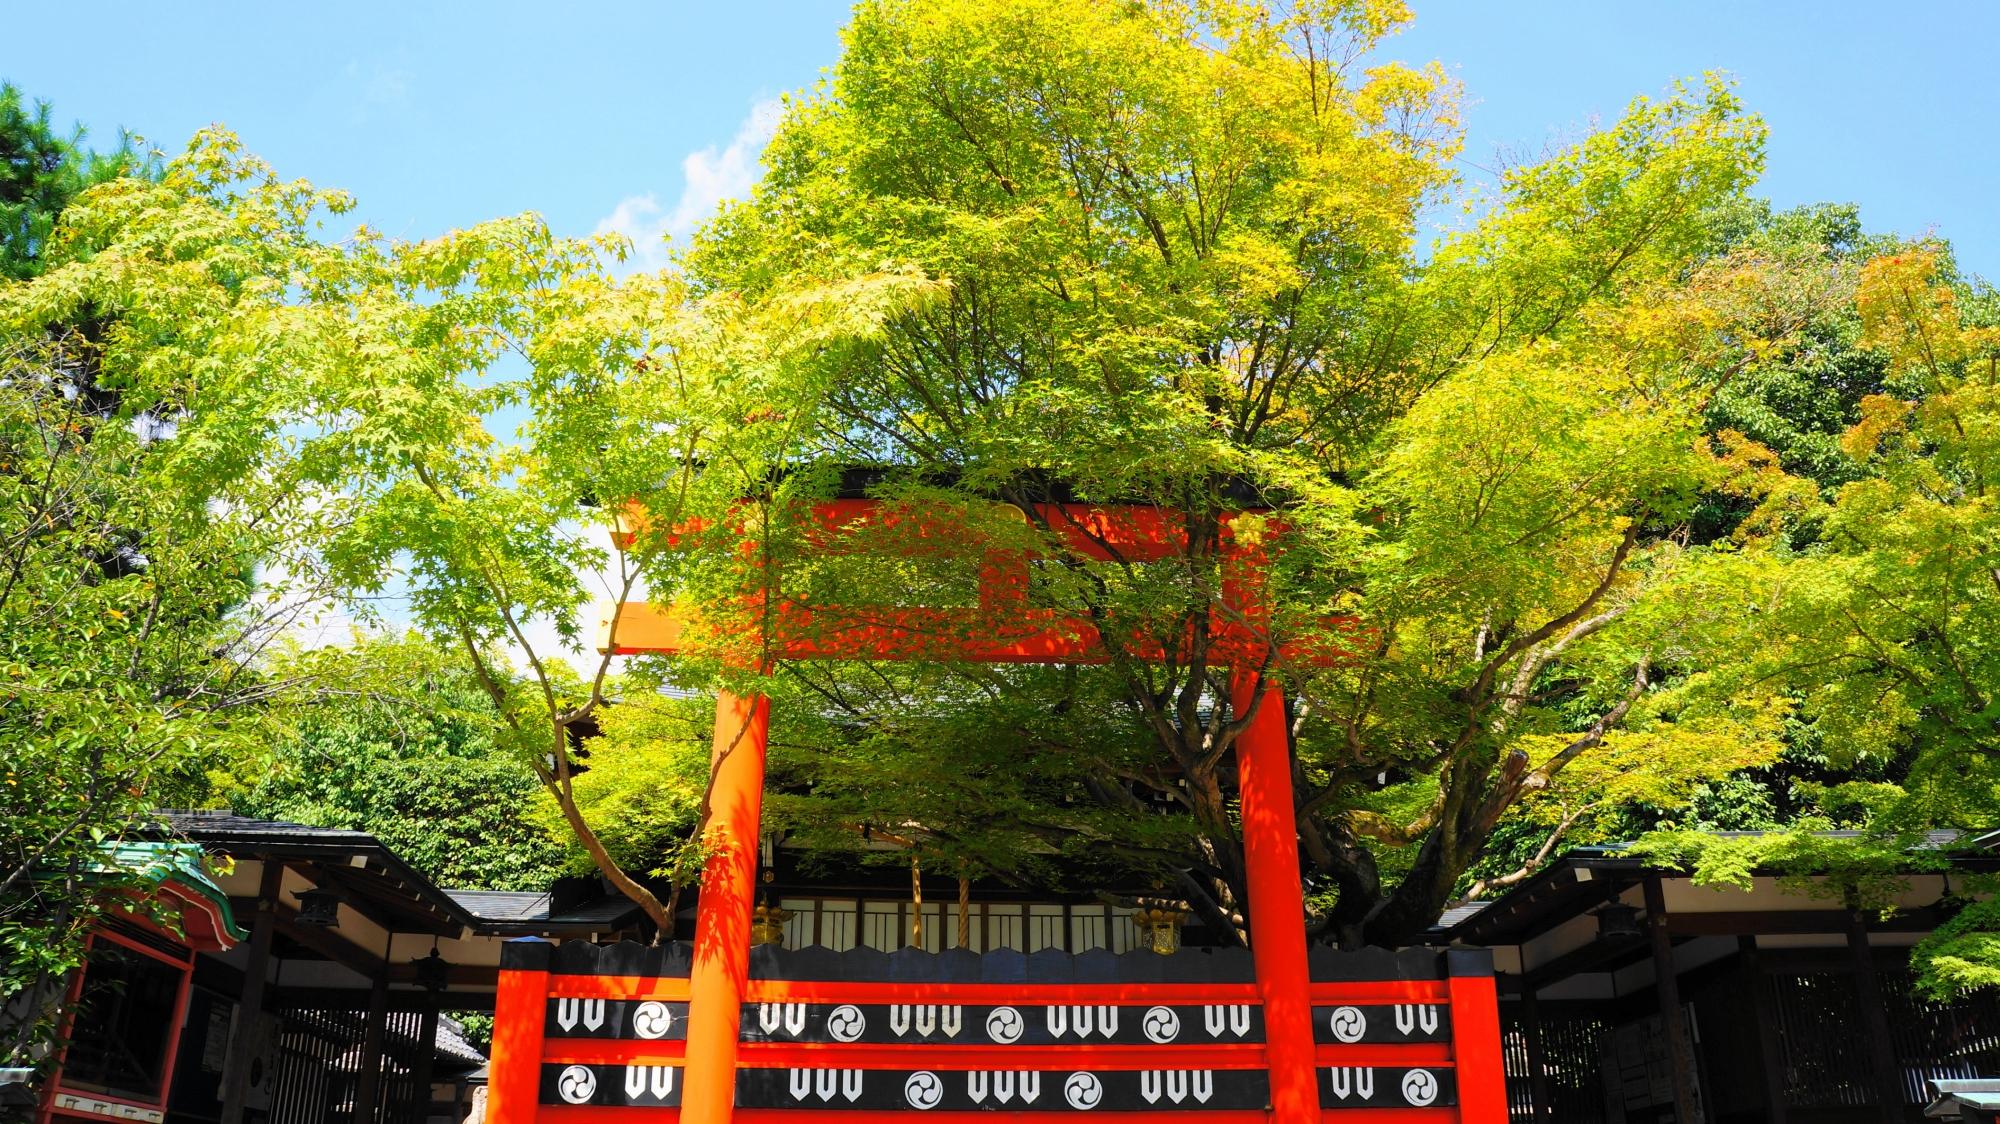 車折神社 青もみじ 芸能神社の赤い玉垣と京都のさわやかな緑